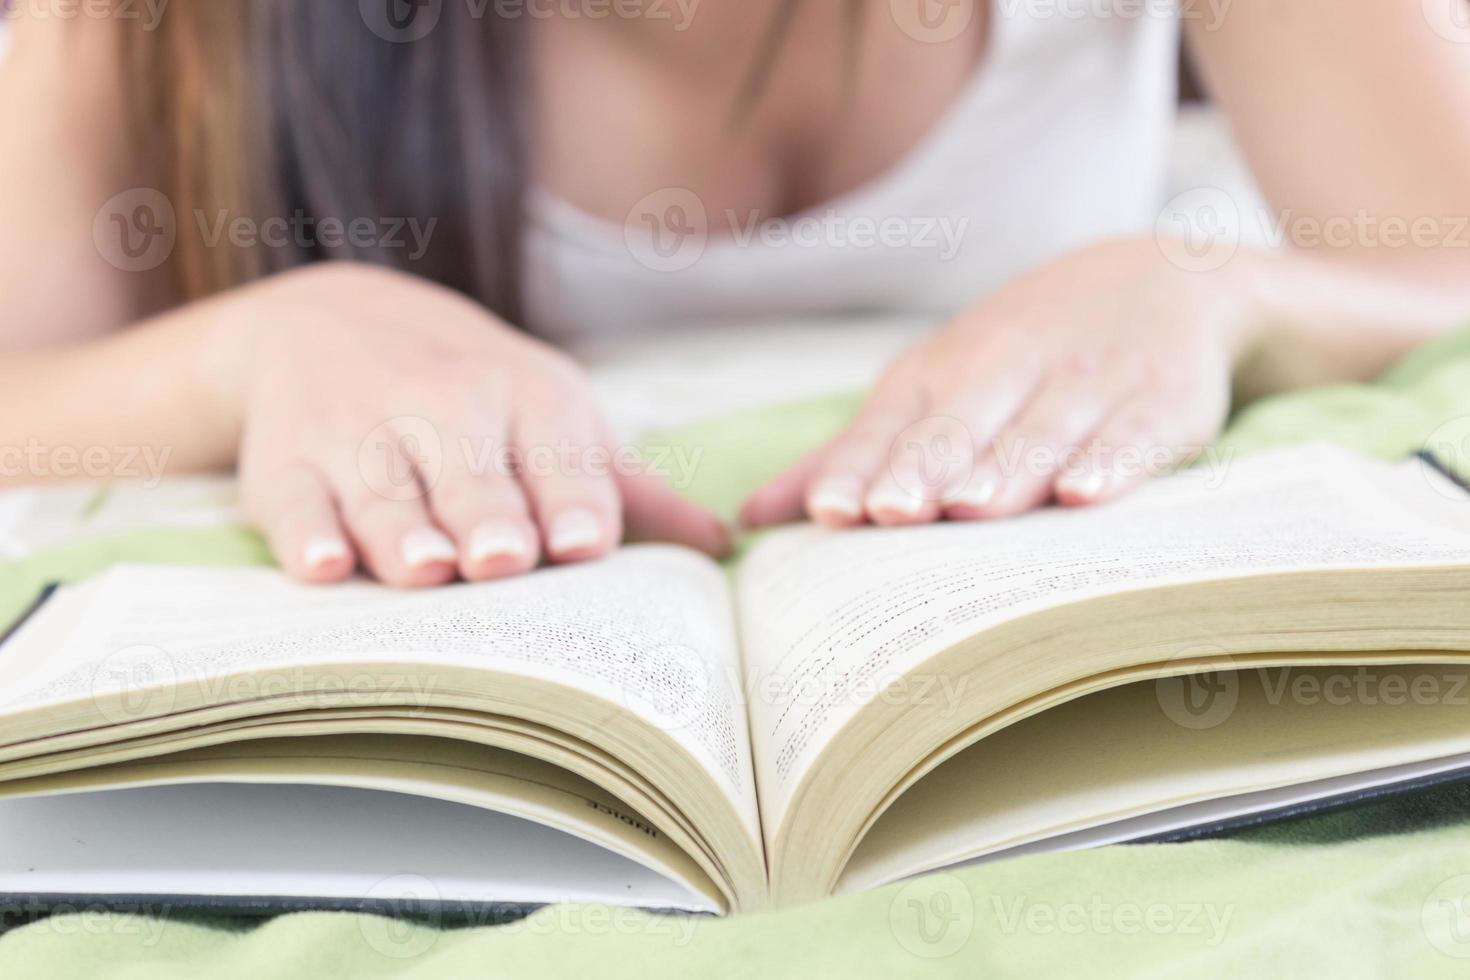 Nahaufnahme der Hände auf offenem Buch foto